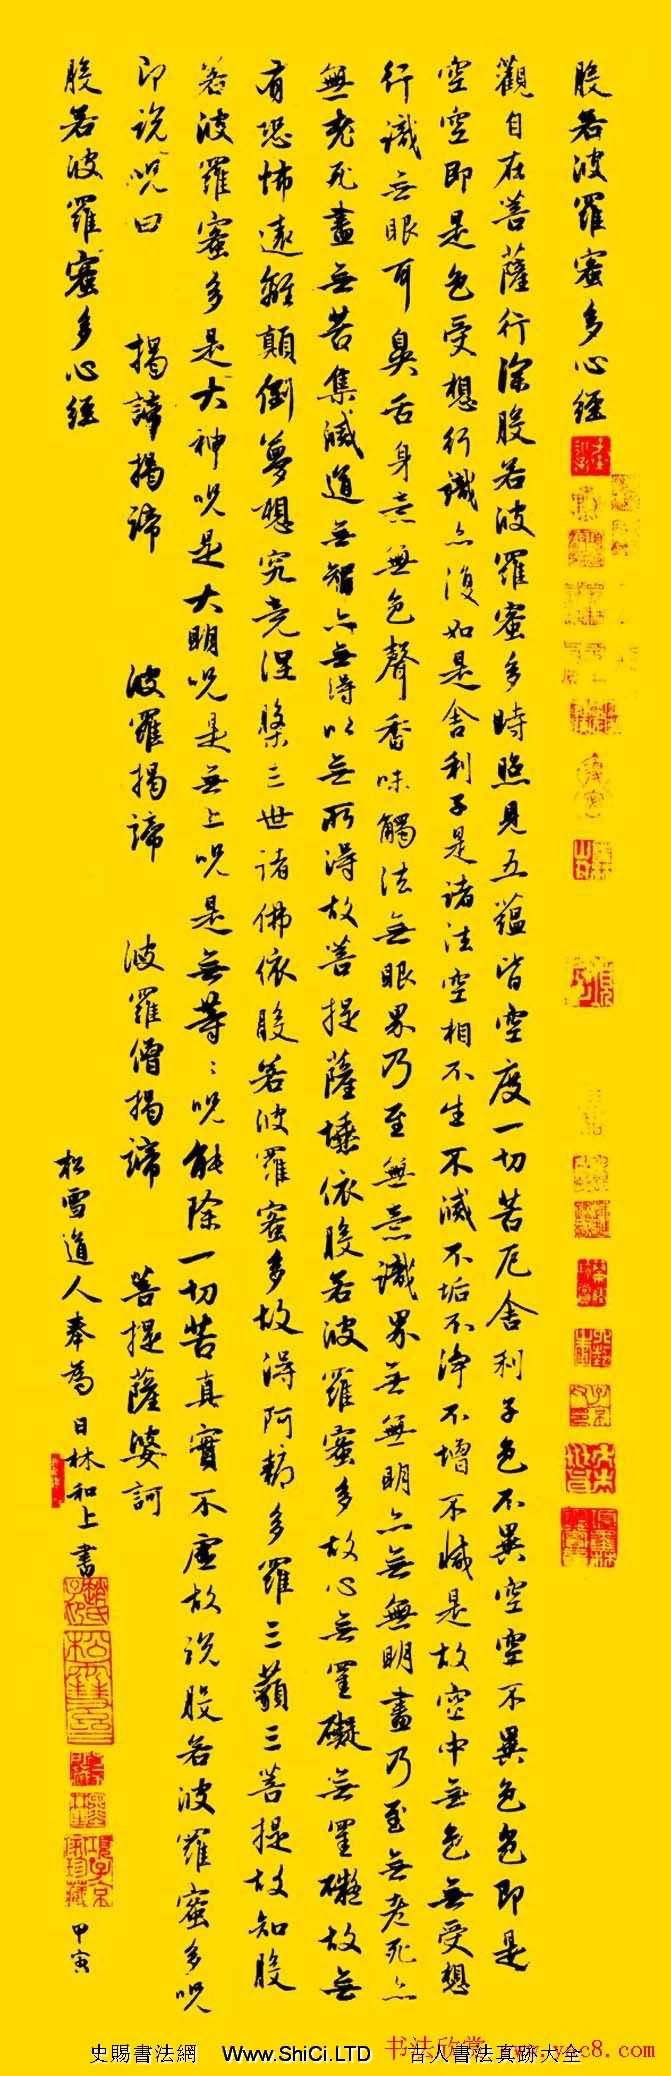 趙孟頫豎幅作品真跡《松雪道人奉為日林和上書心經》(共6張圖片)